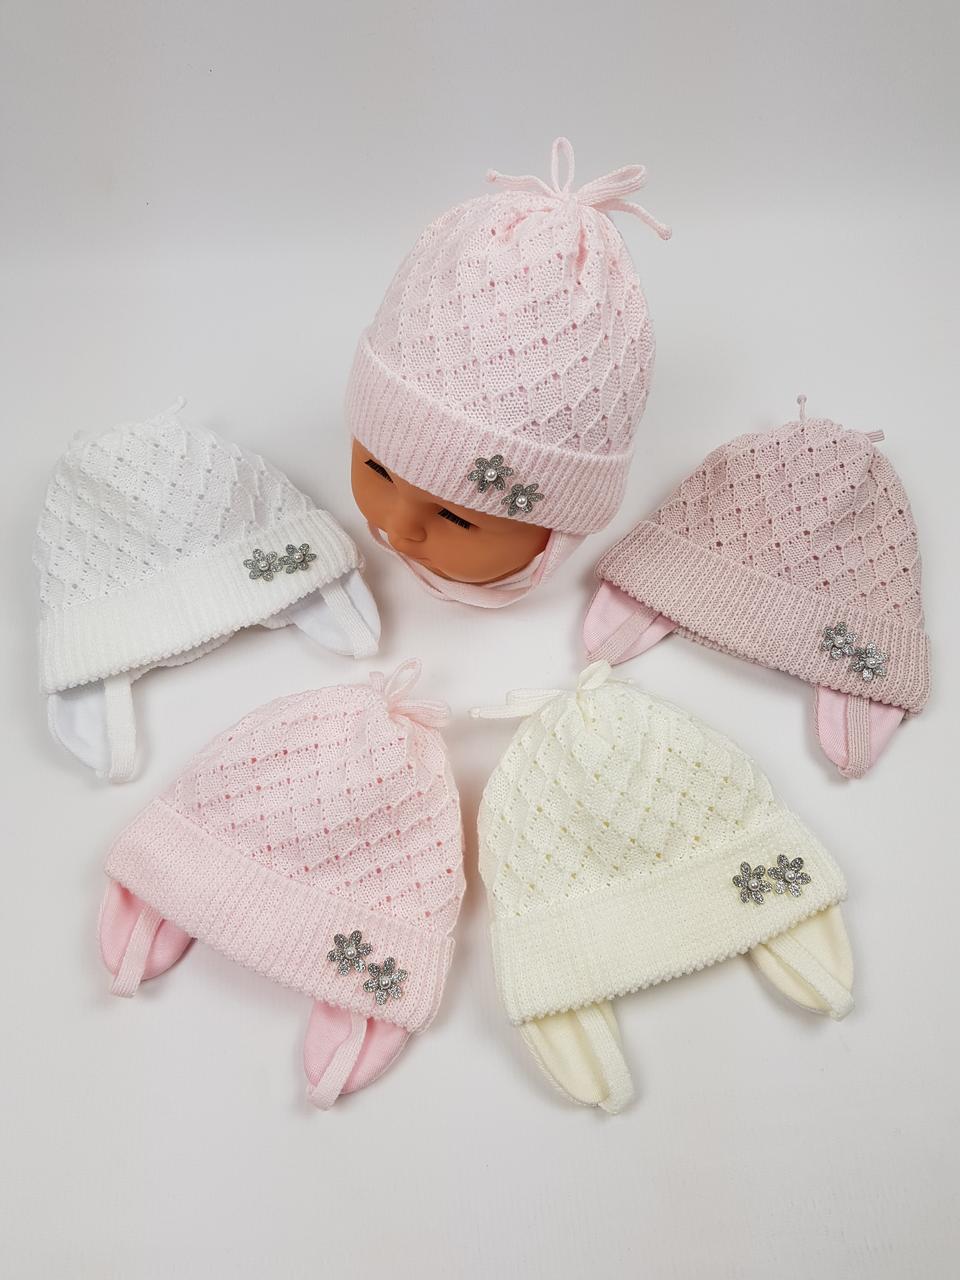 Дитячі польські демісезонні вязані шапки на трикотажній підкладці для новонароджених, р. 38-40 (Grans)